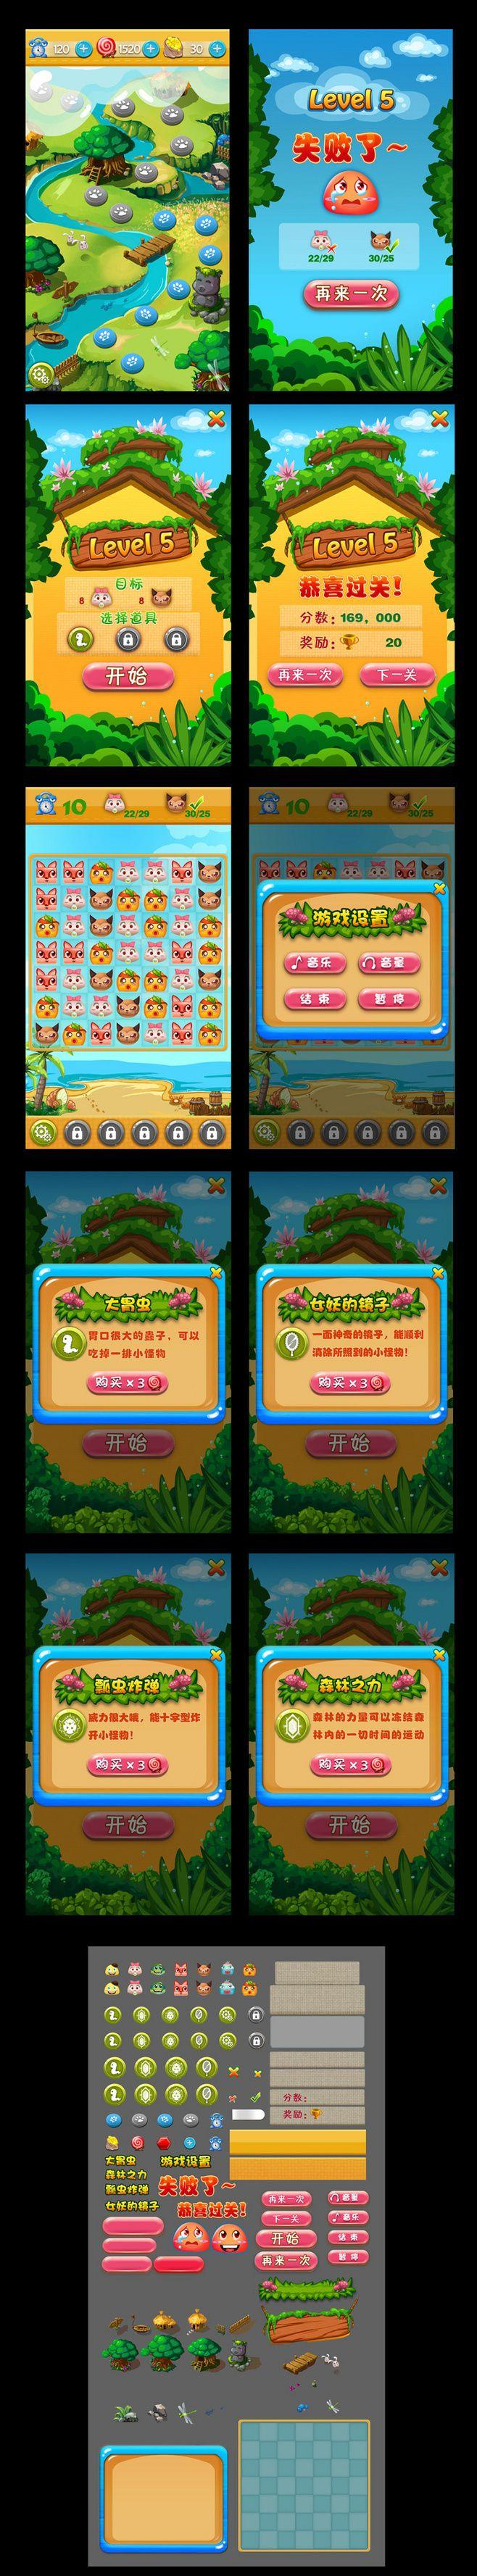 名动漫游戏ui界面设计作品第二期-游戏原...